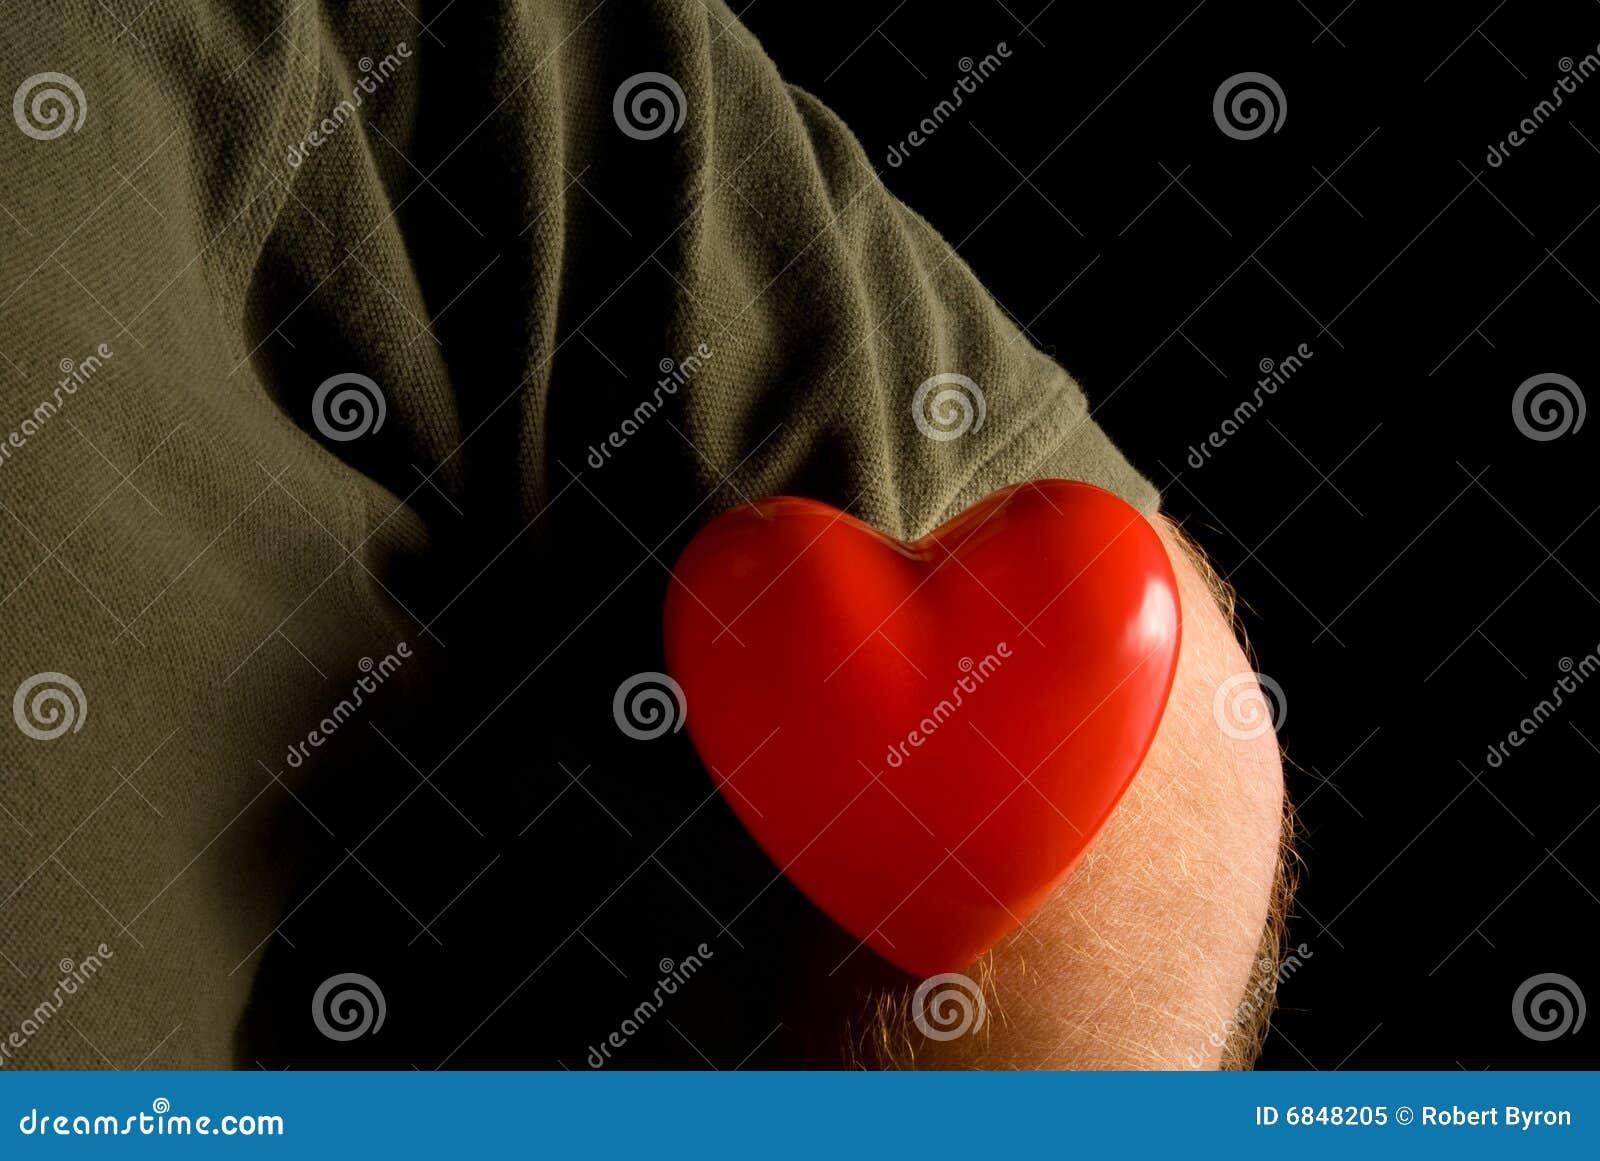 Coeur sur une chemise